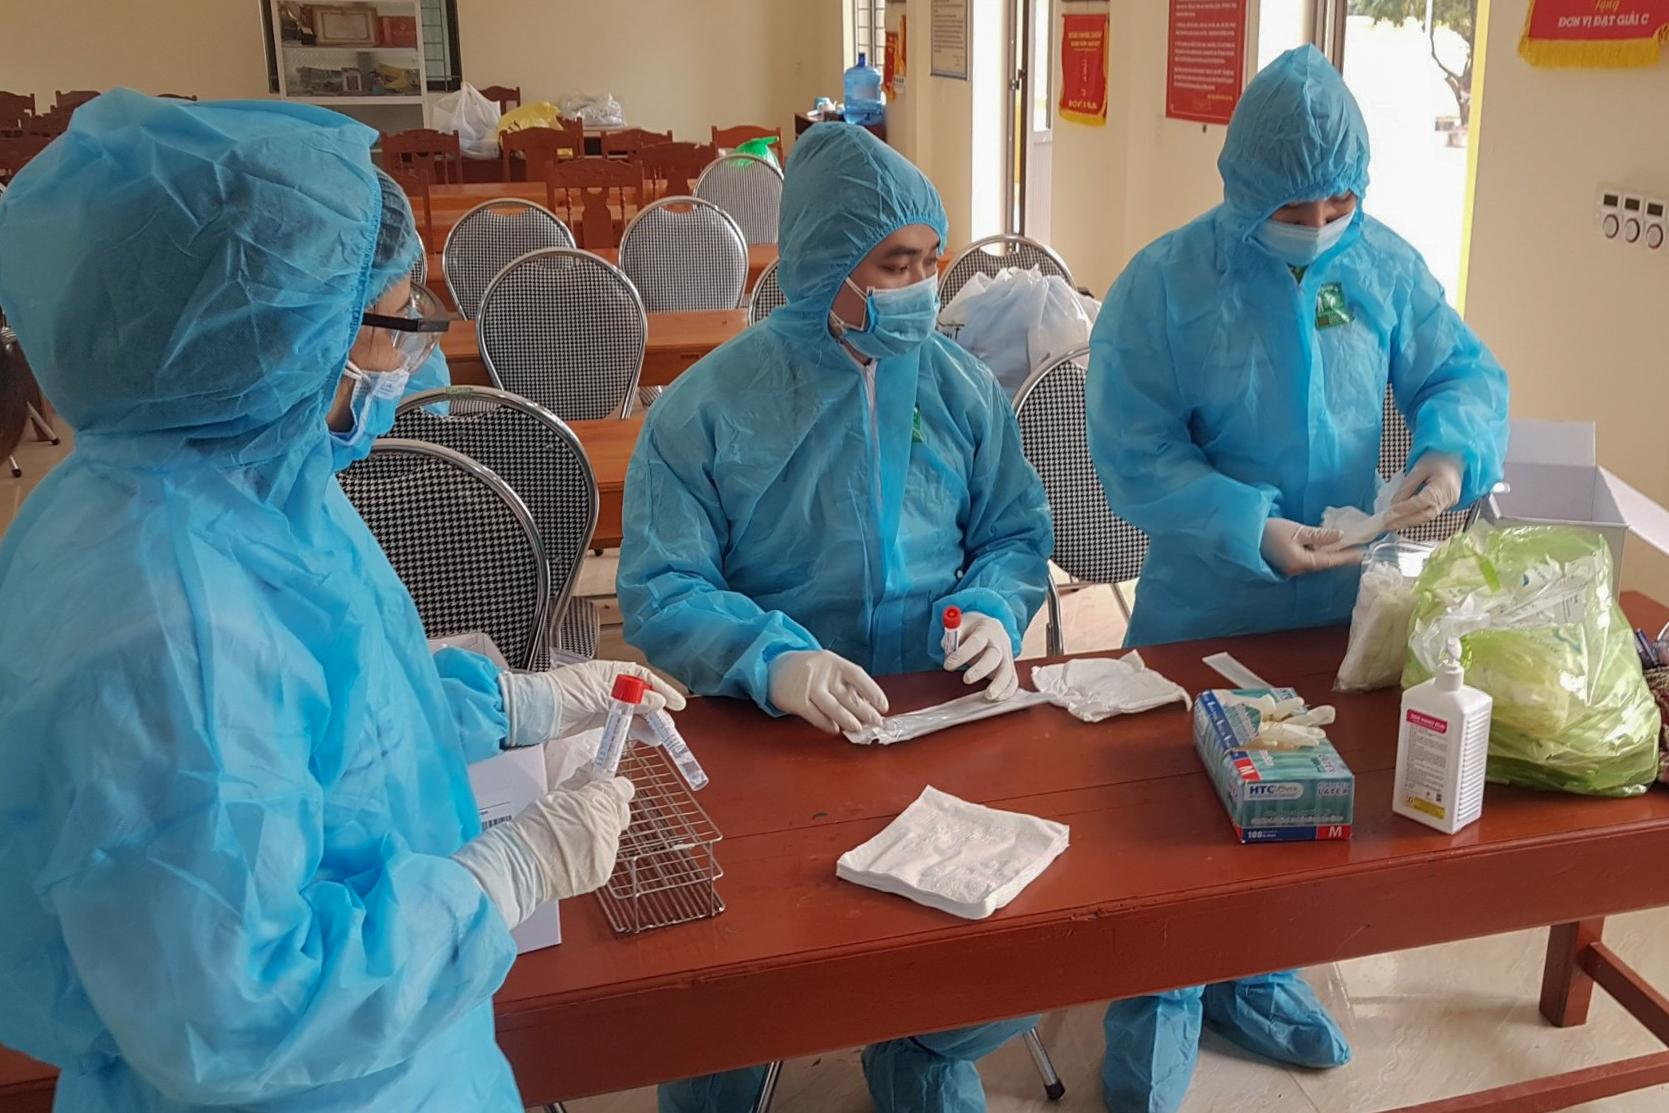 Đội truy vết dịch tễ đang lấy mẫu người dân thị xã Đông Triều để xét nghiệm nCoV. Ảnh do bác sĩ cung cấp.